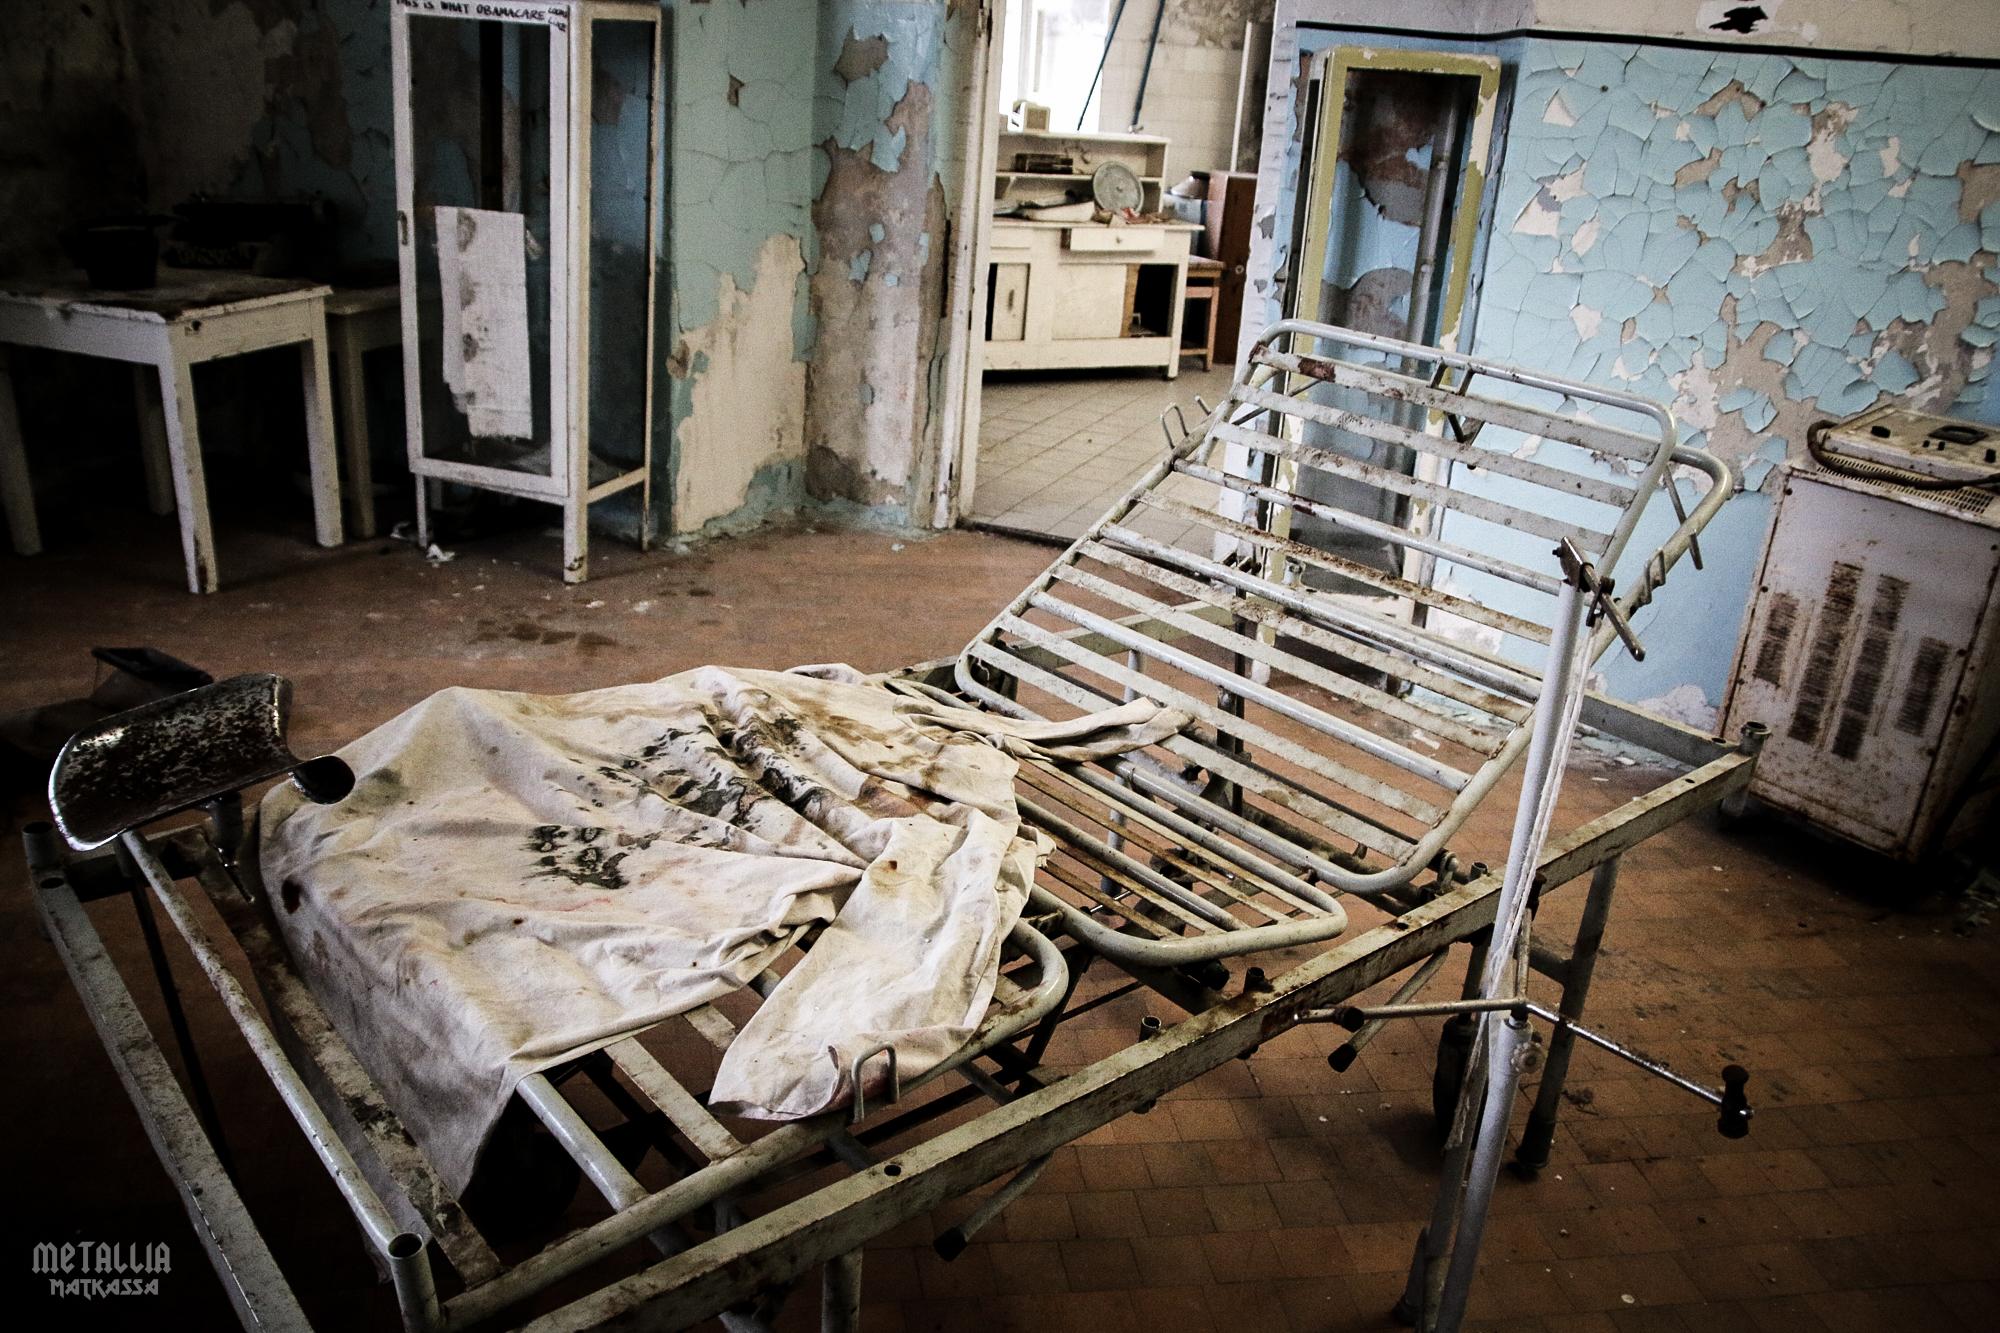 patarei vangla, patarei prison, visit tallinn, patarein vankilamuseo, patarein vankila, urbex